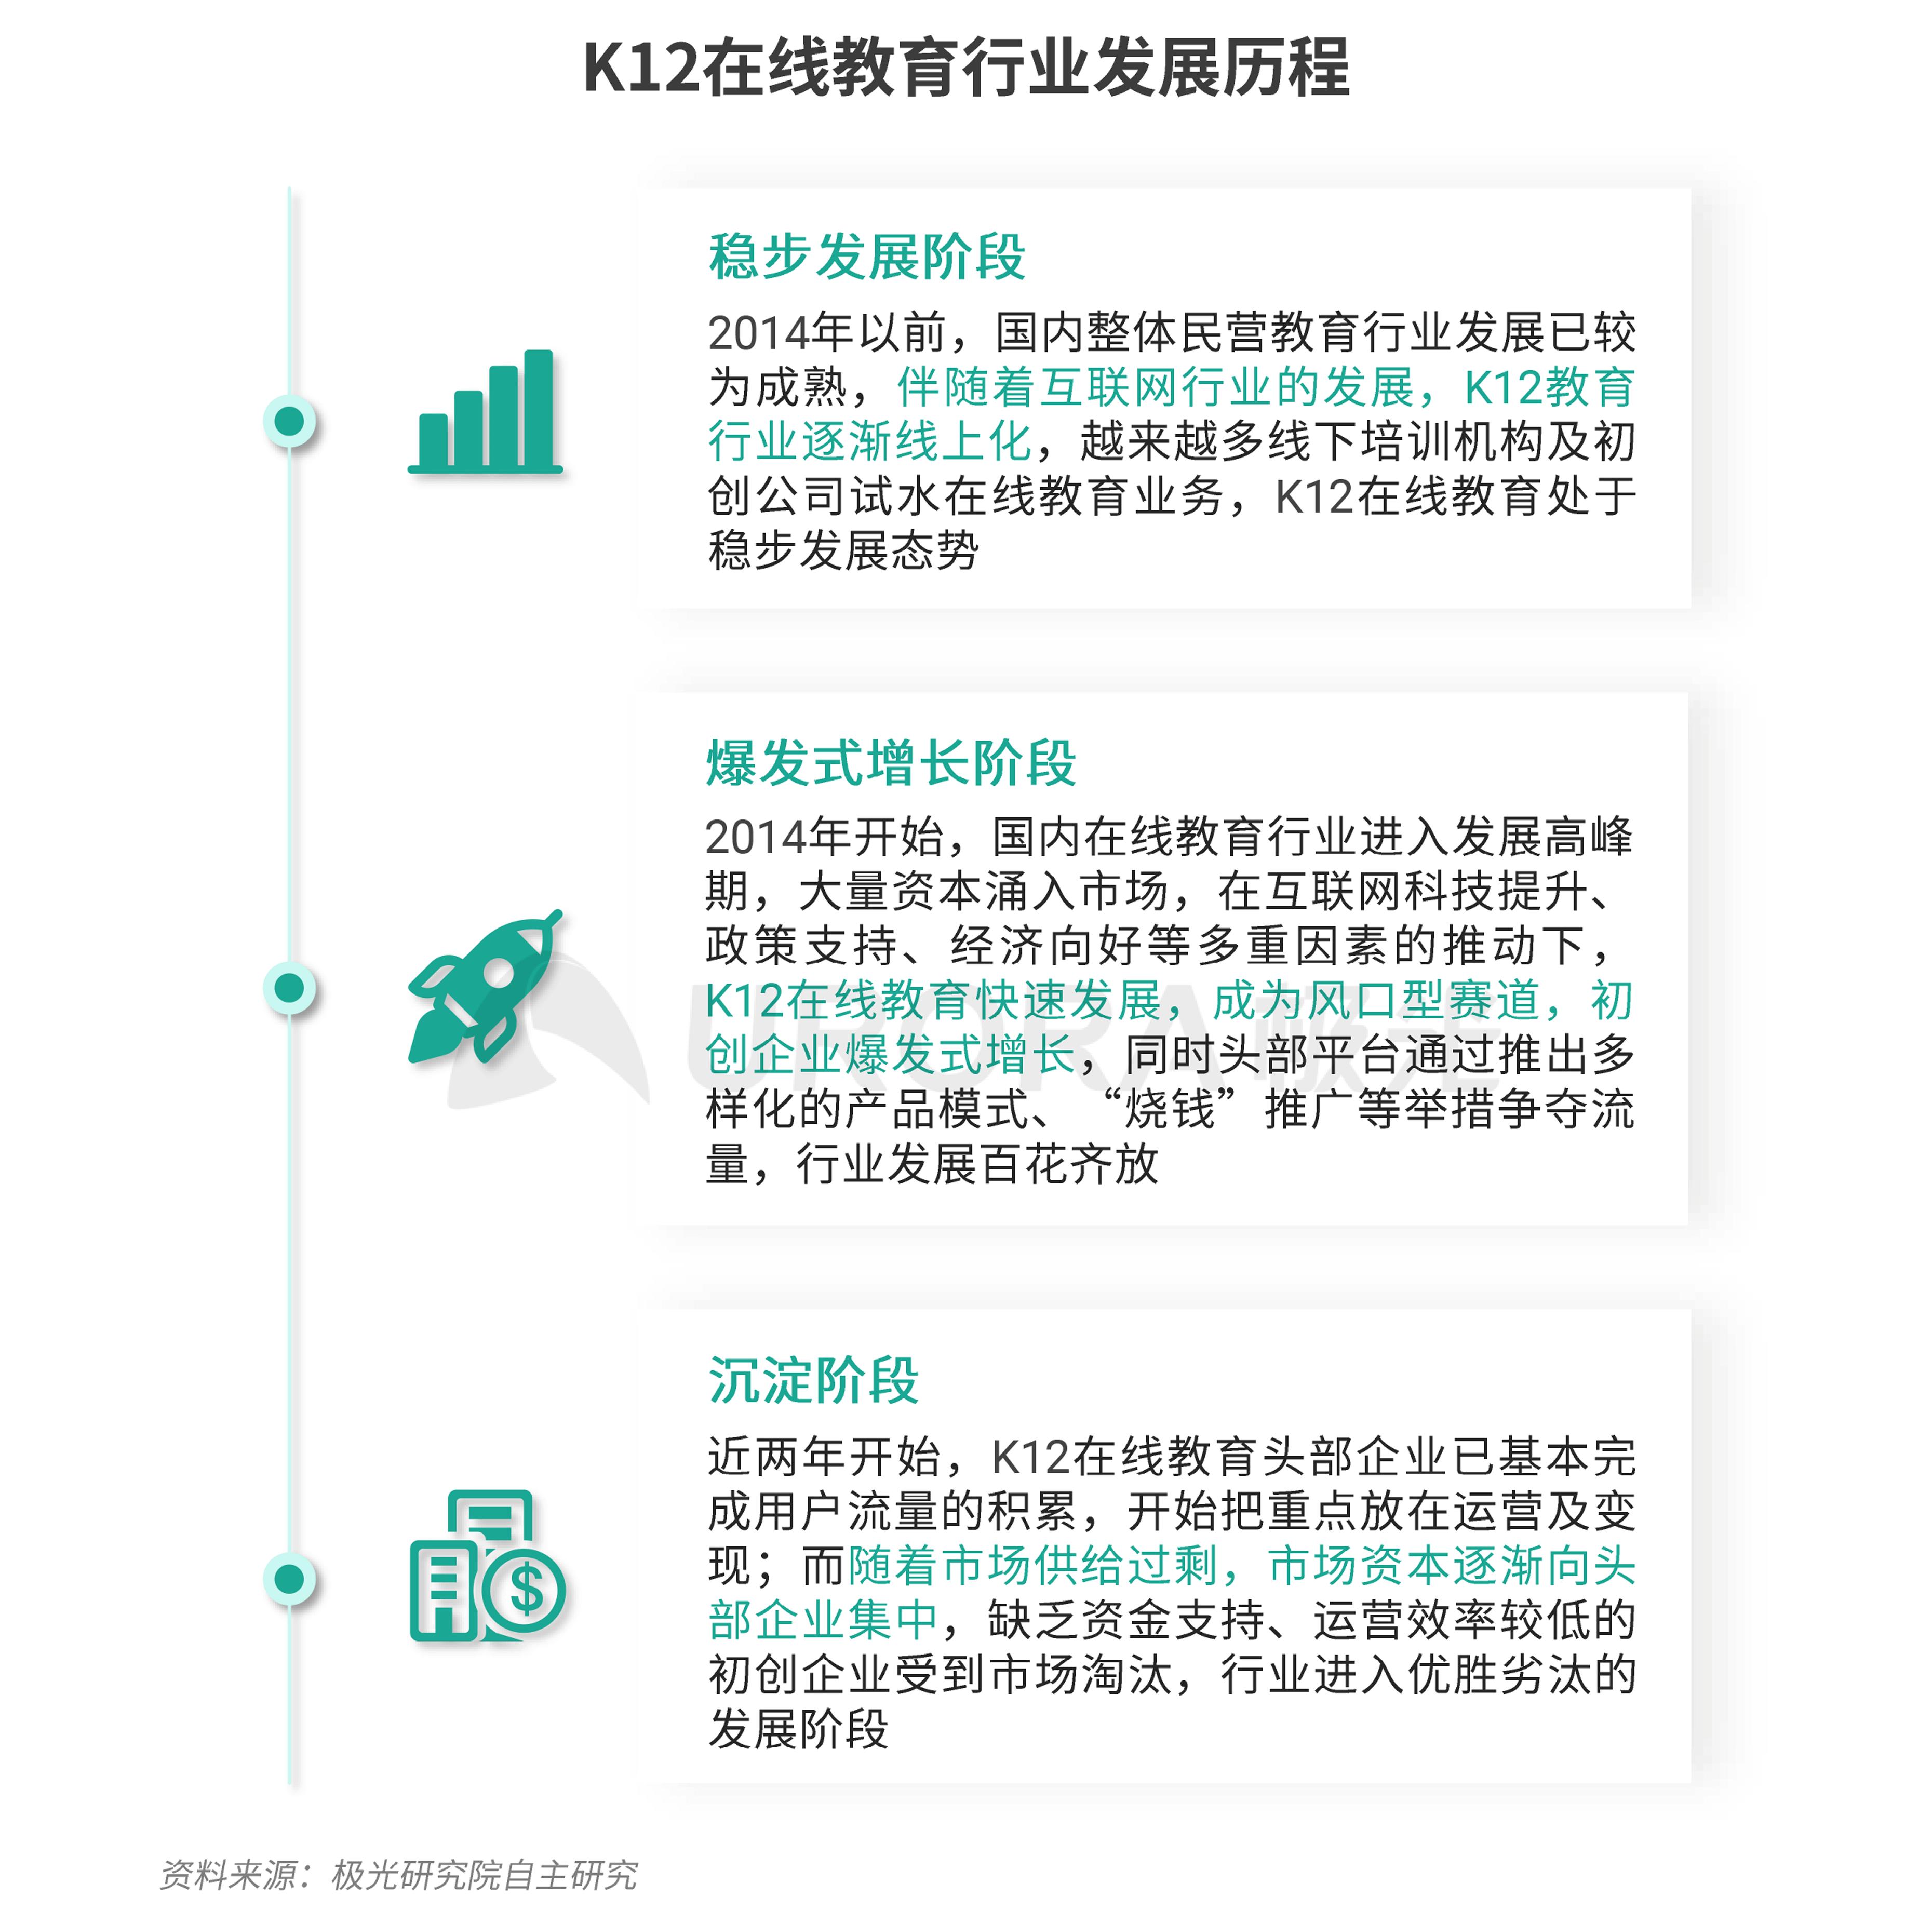 极光:K12教育报告 (2).png